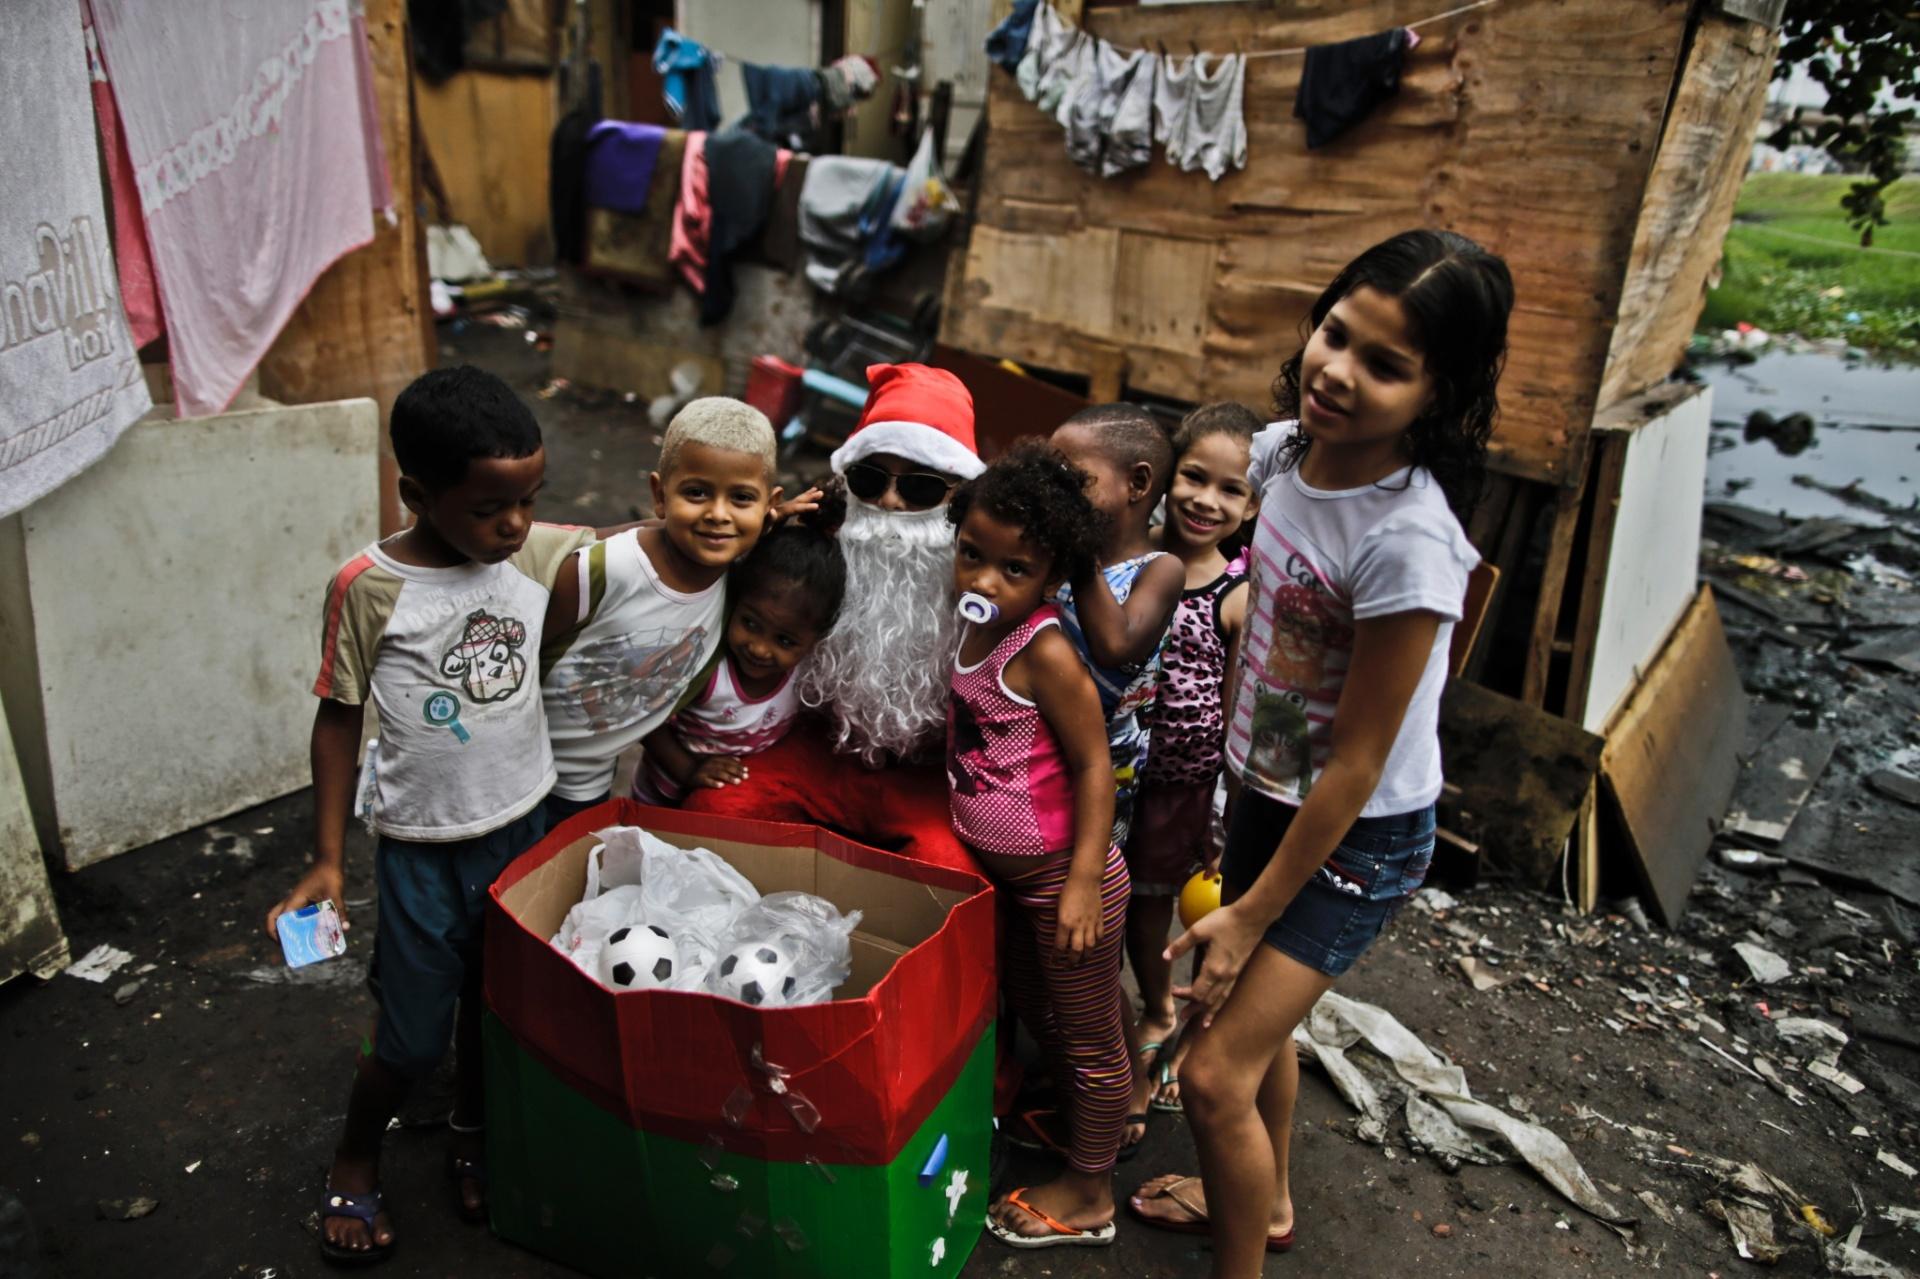 24.dez.2014 - Papai Noel tira foto com crianças após distribuir presentes na comunidade da McLaren, no conjunto de favelas da Maré, na zona norte do Rio de Janeiro